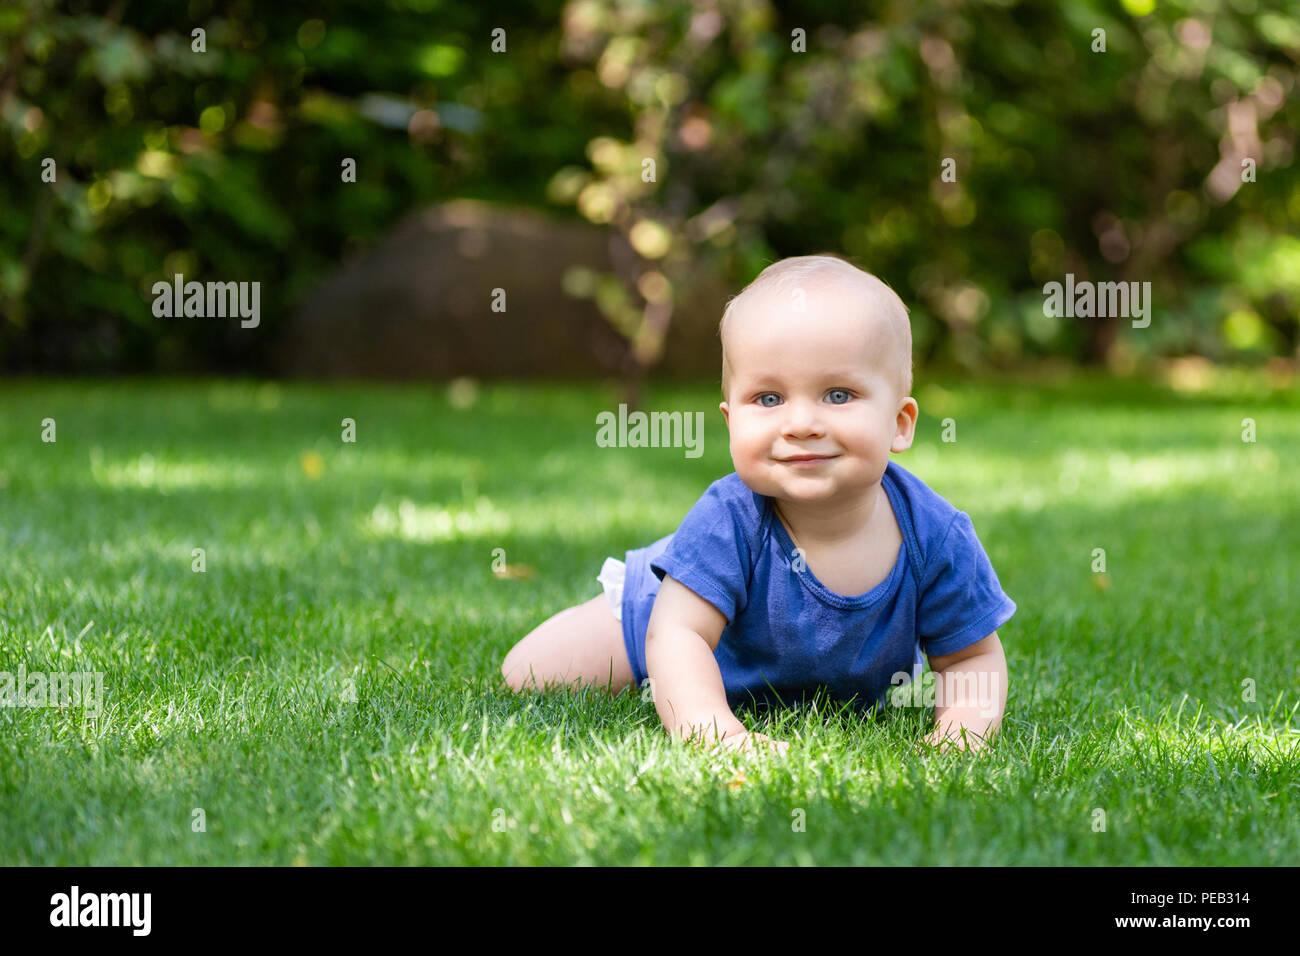 Süße kleine Blonde baby boy Kriechen auf frische grüne Gras. Kind Spaß machen erste Schritte auf natürlichem Rasen gemäht. Gesunde und glückliche Kindheit Konzept Stockbild